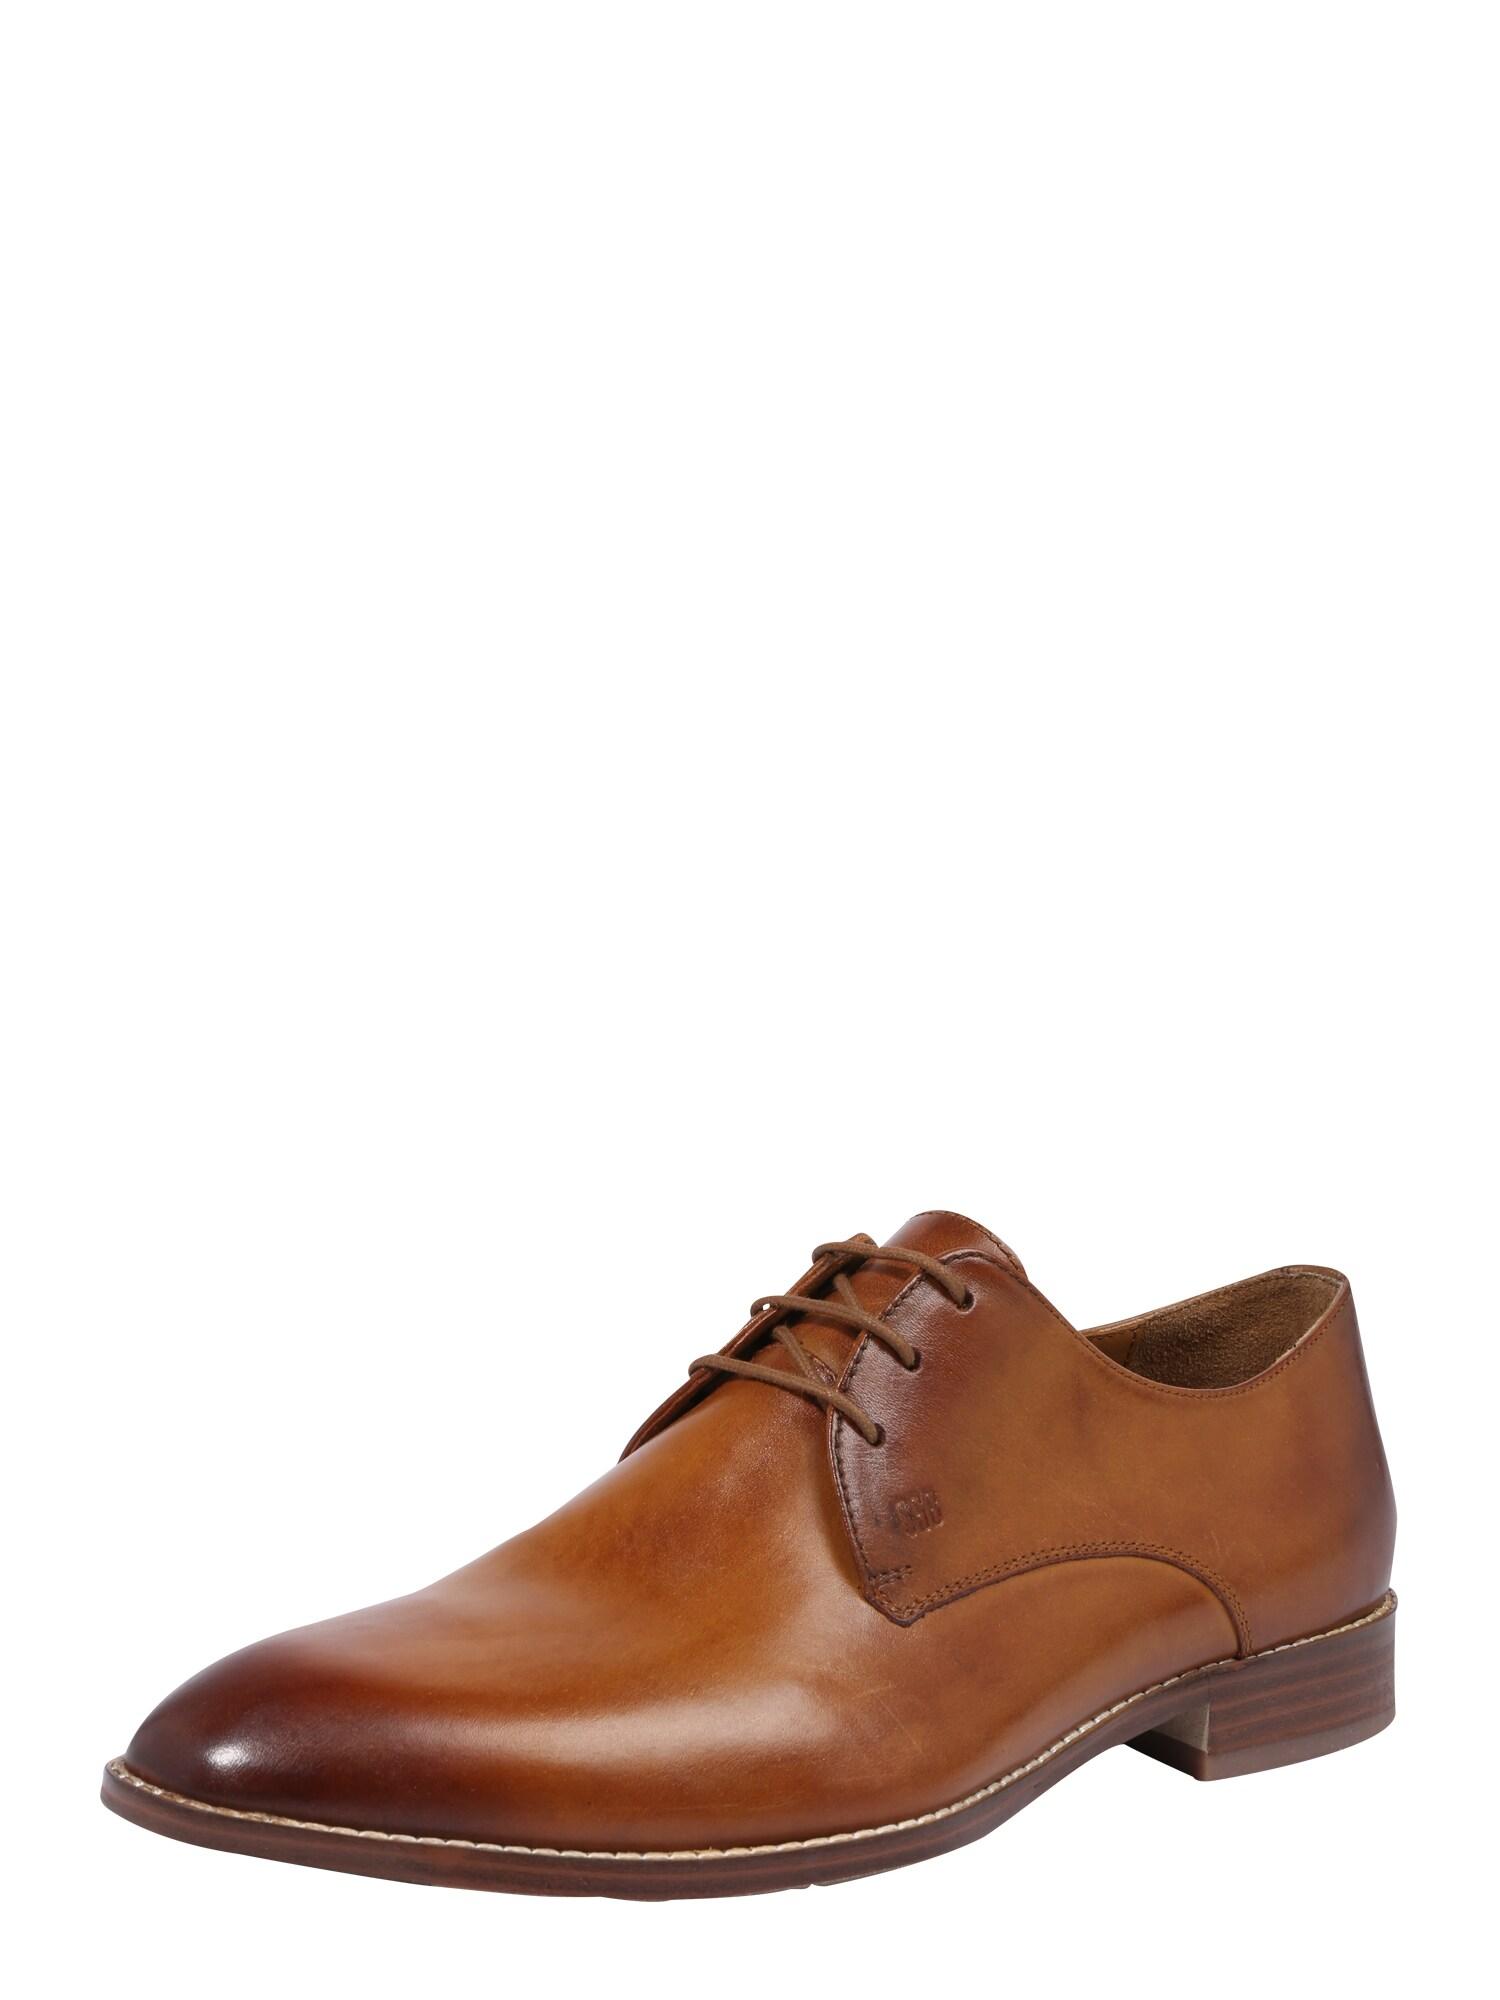 Šněrovací boty Mirco koňaková Gordon & Bros